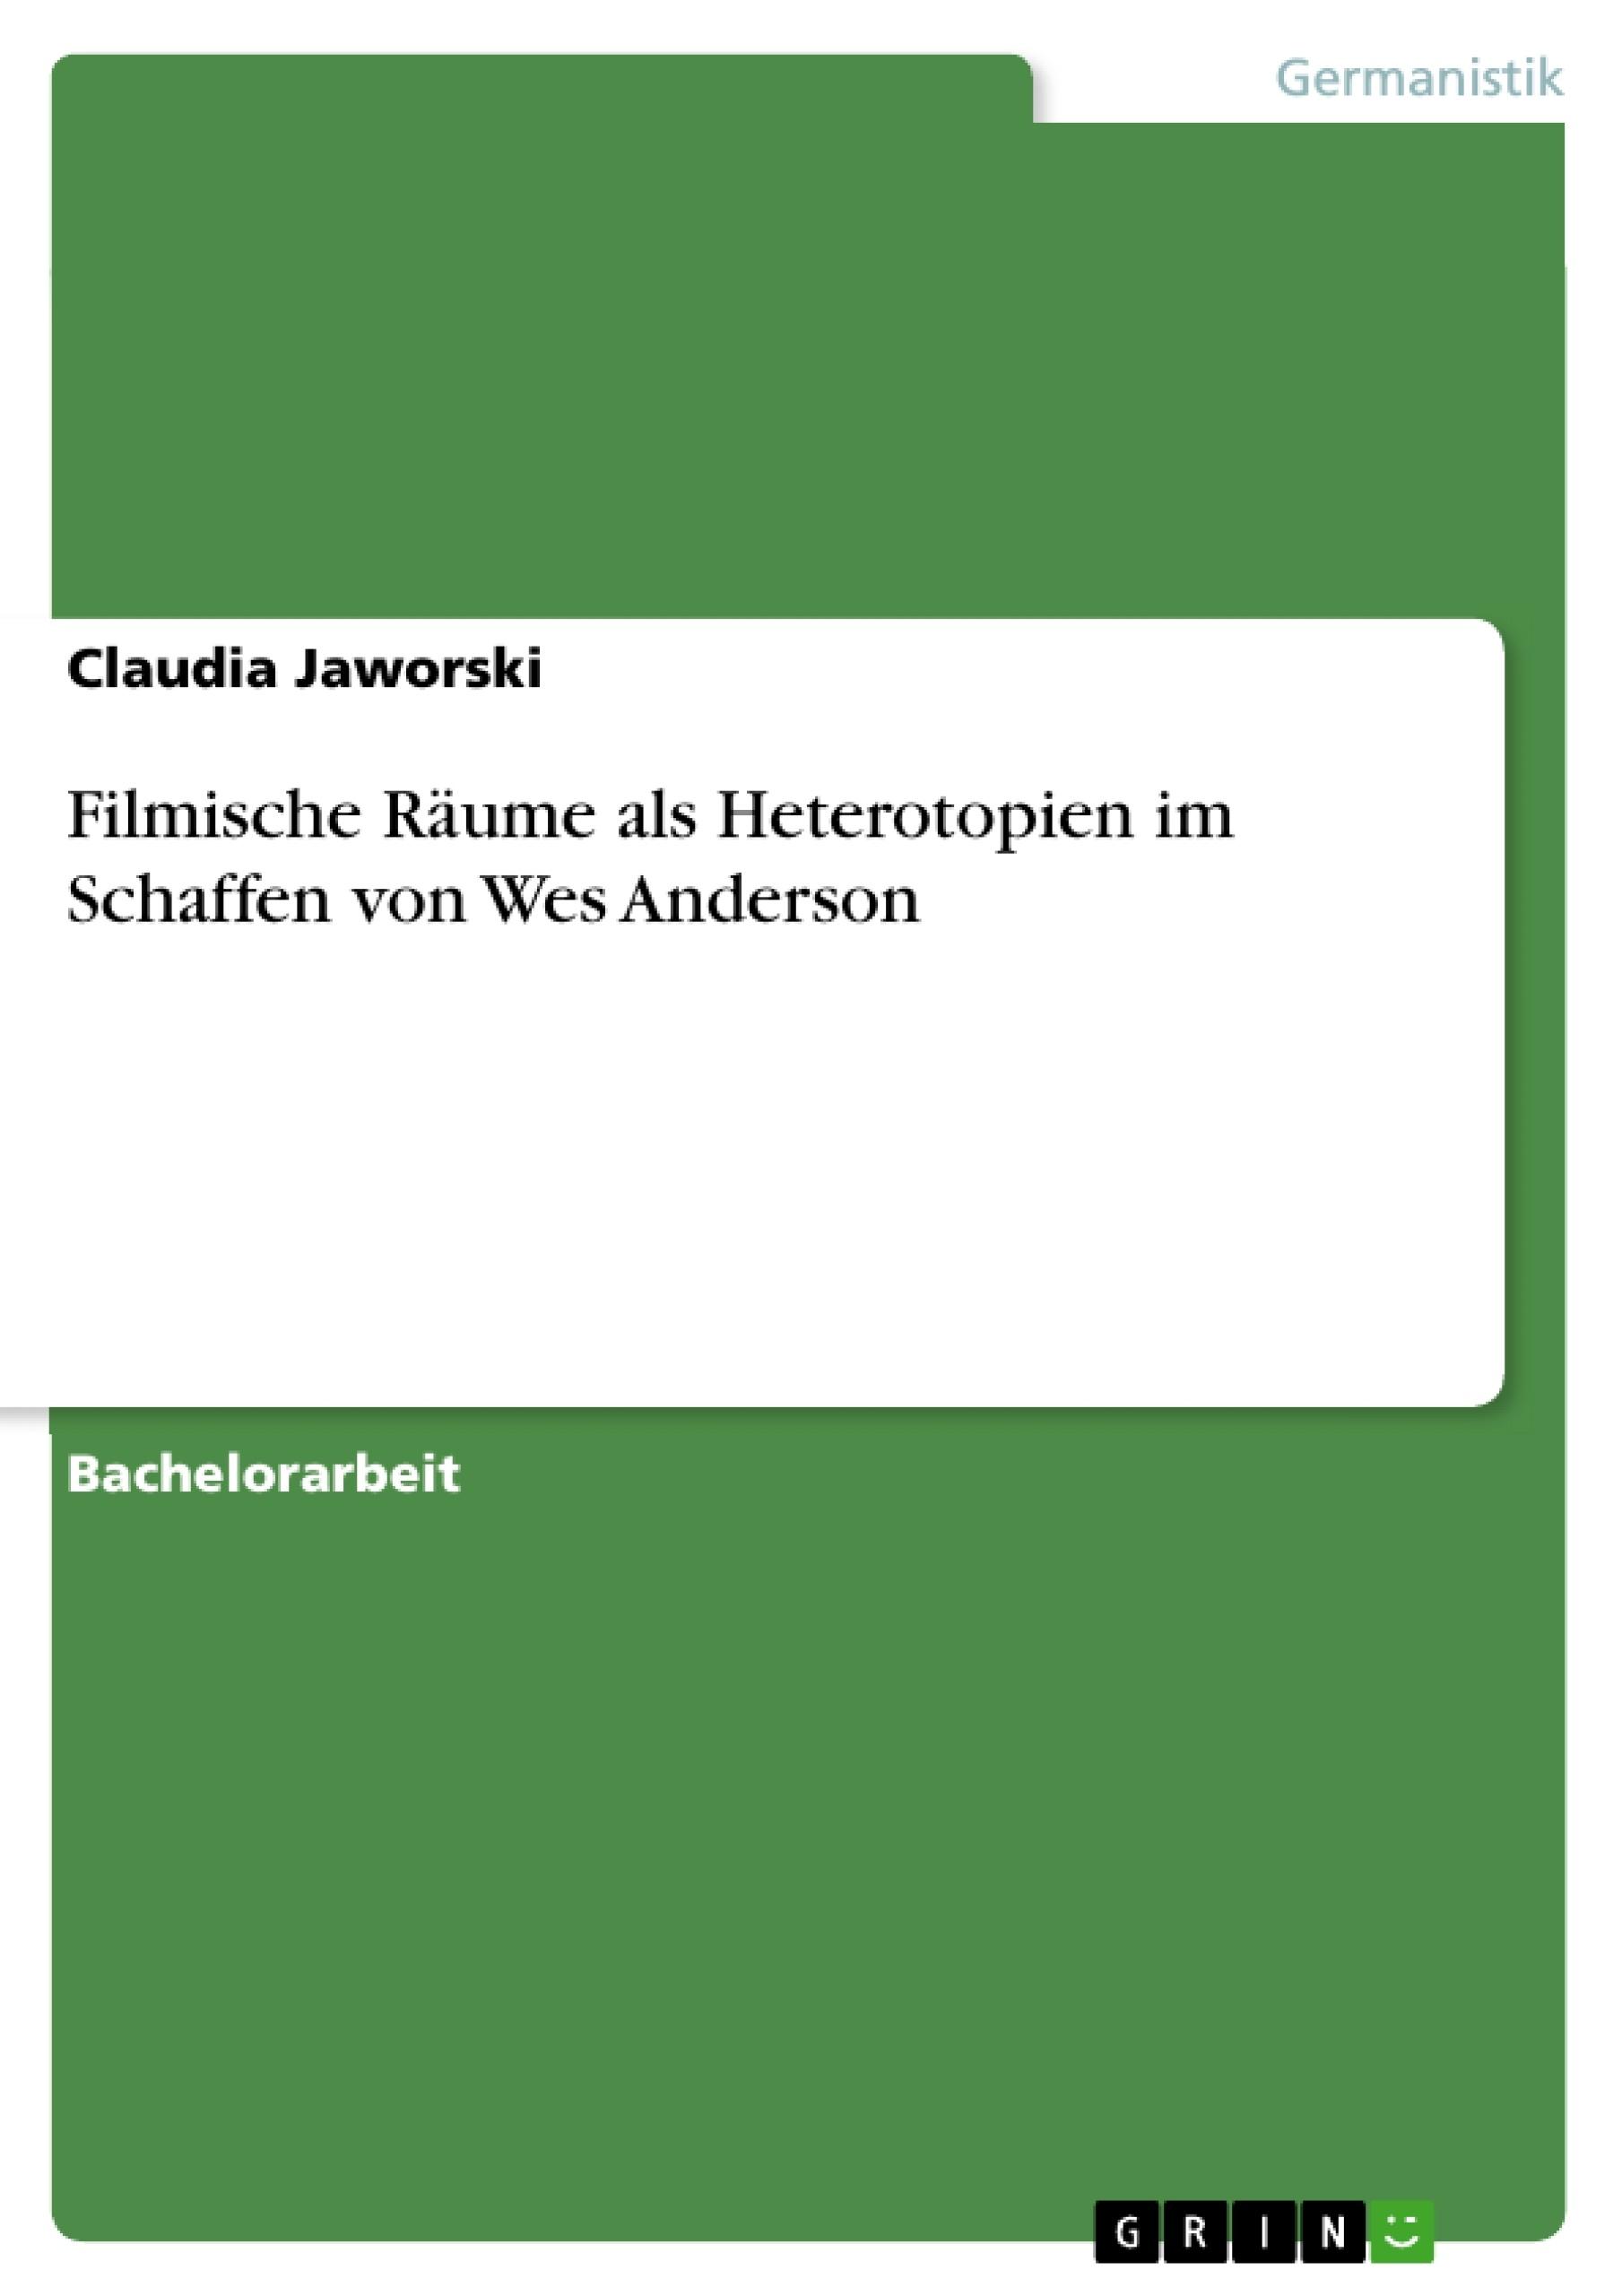 Titel: Filmische Räume als Heterotopien im Schaffen von Wes Anderson